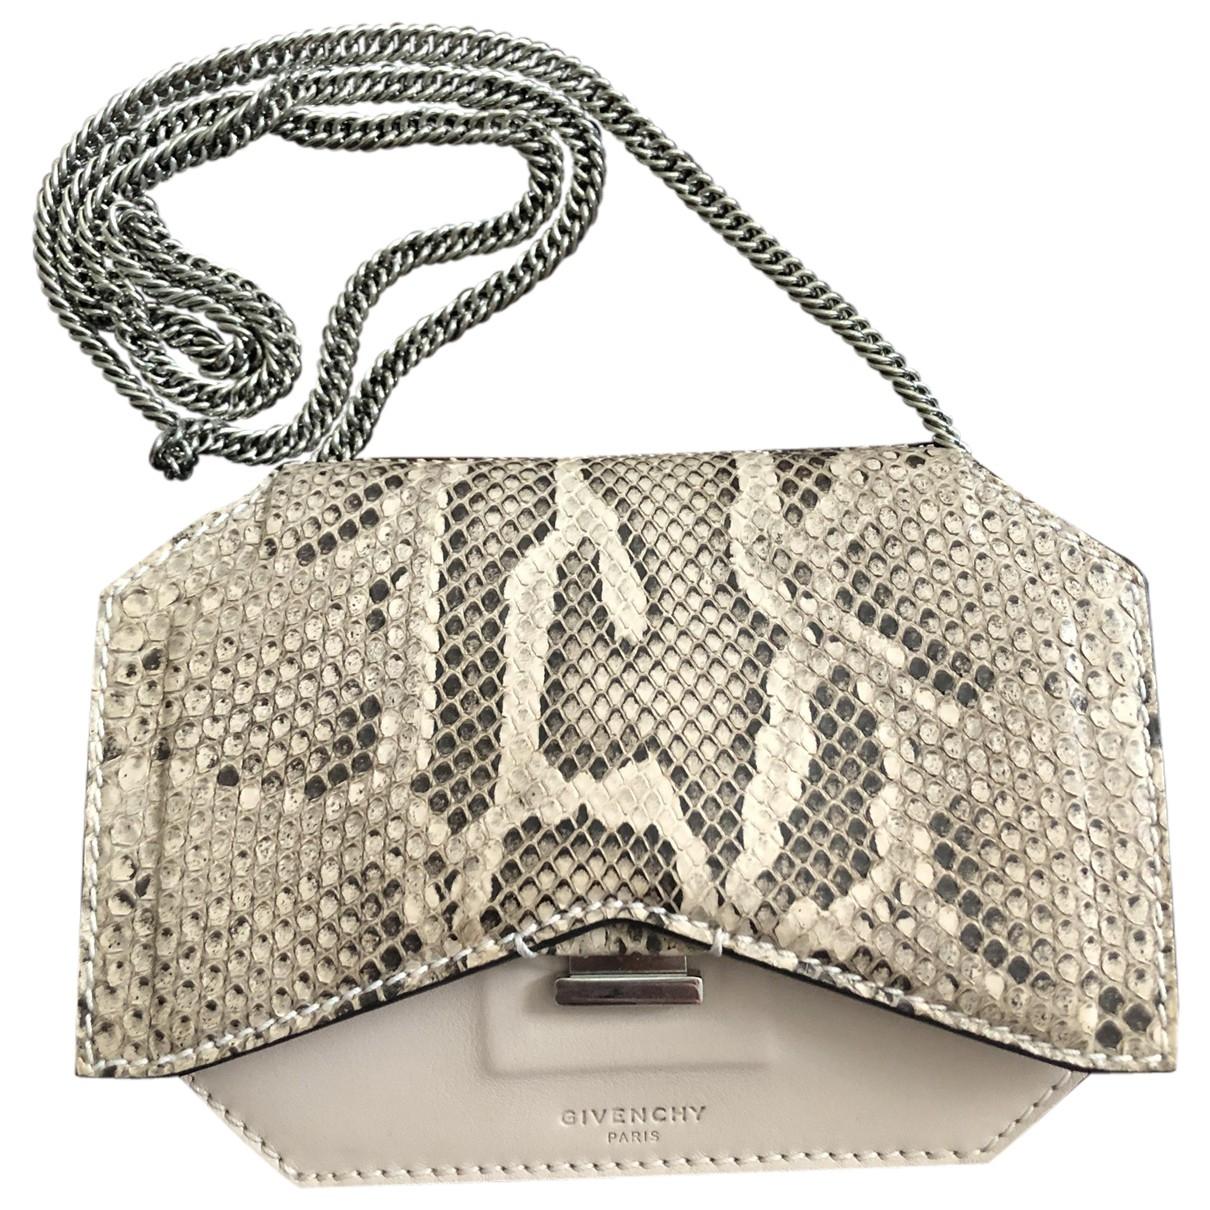 Givenchy Bow Cut Handtasche in  Beige Python